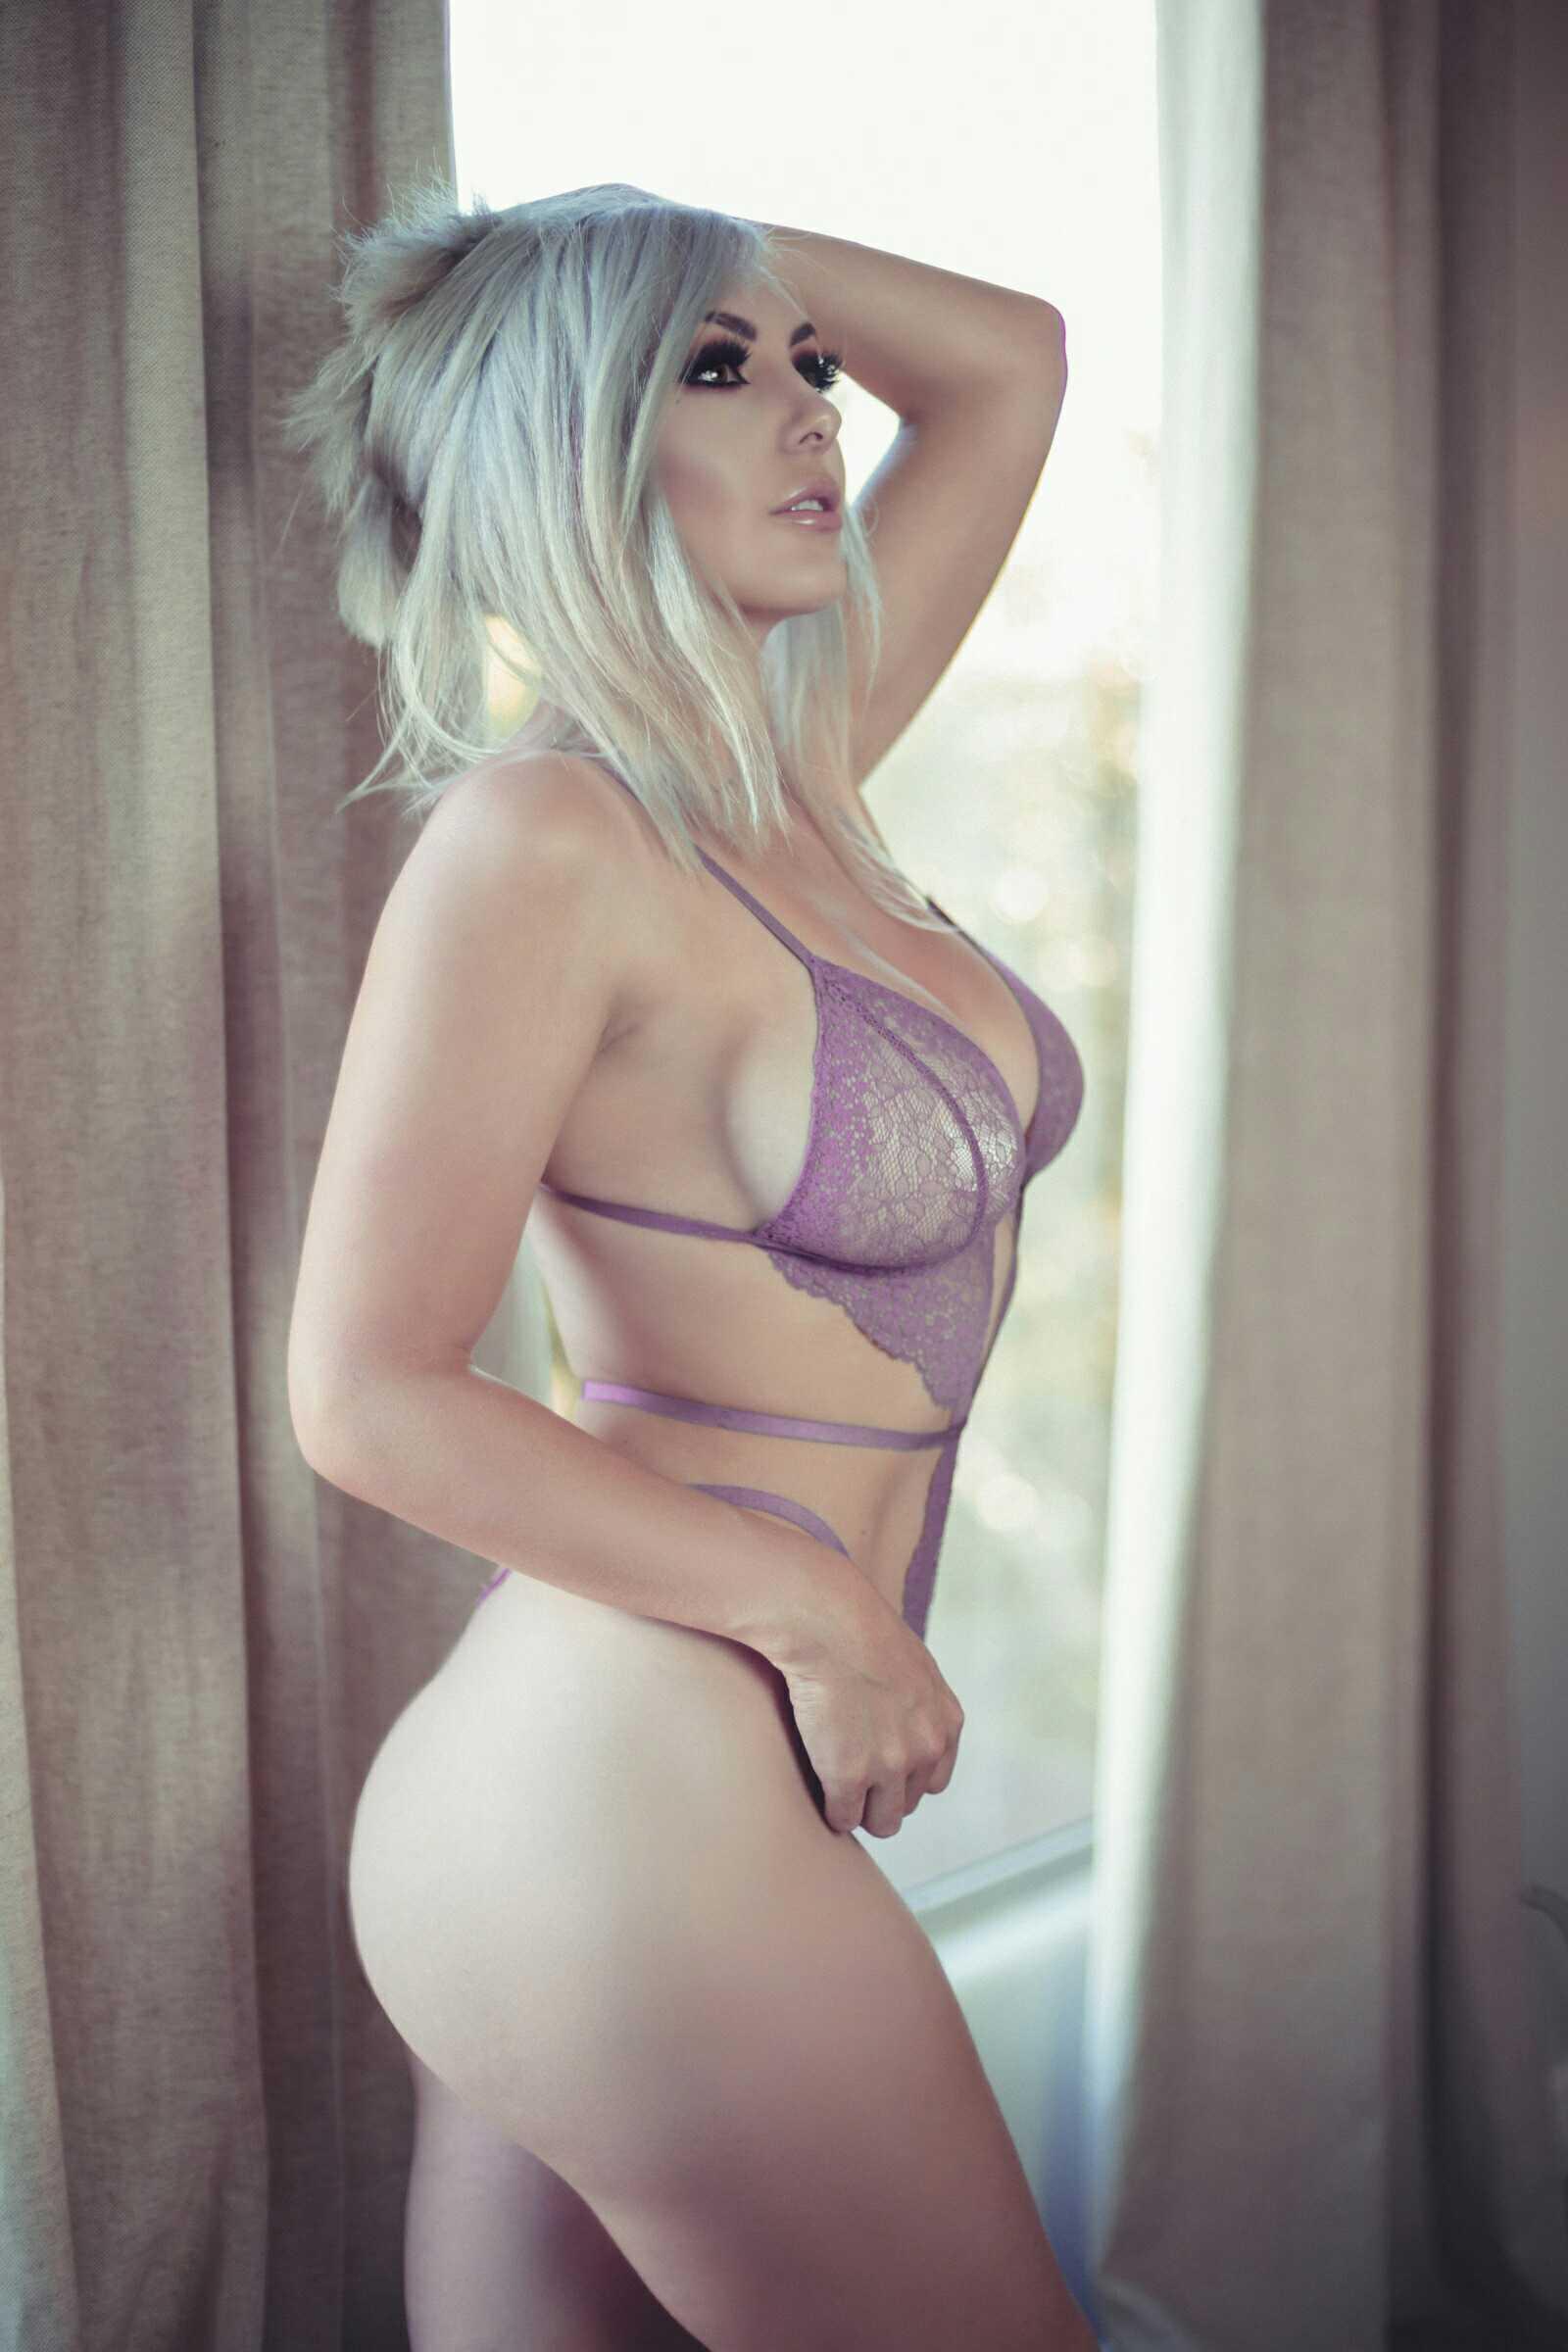 Jessica Nigri, Onlyfans Lavender Lingerie 0064